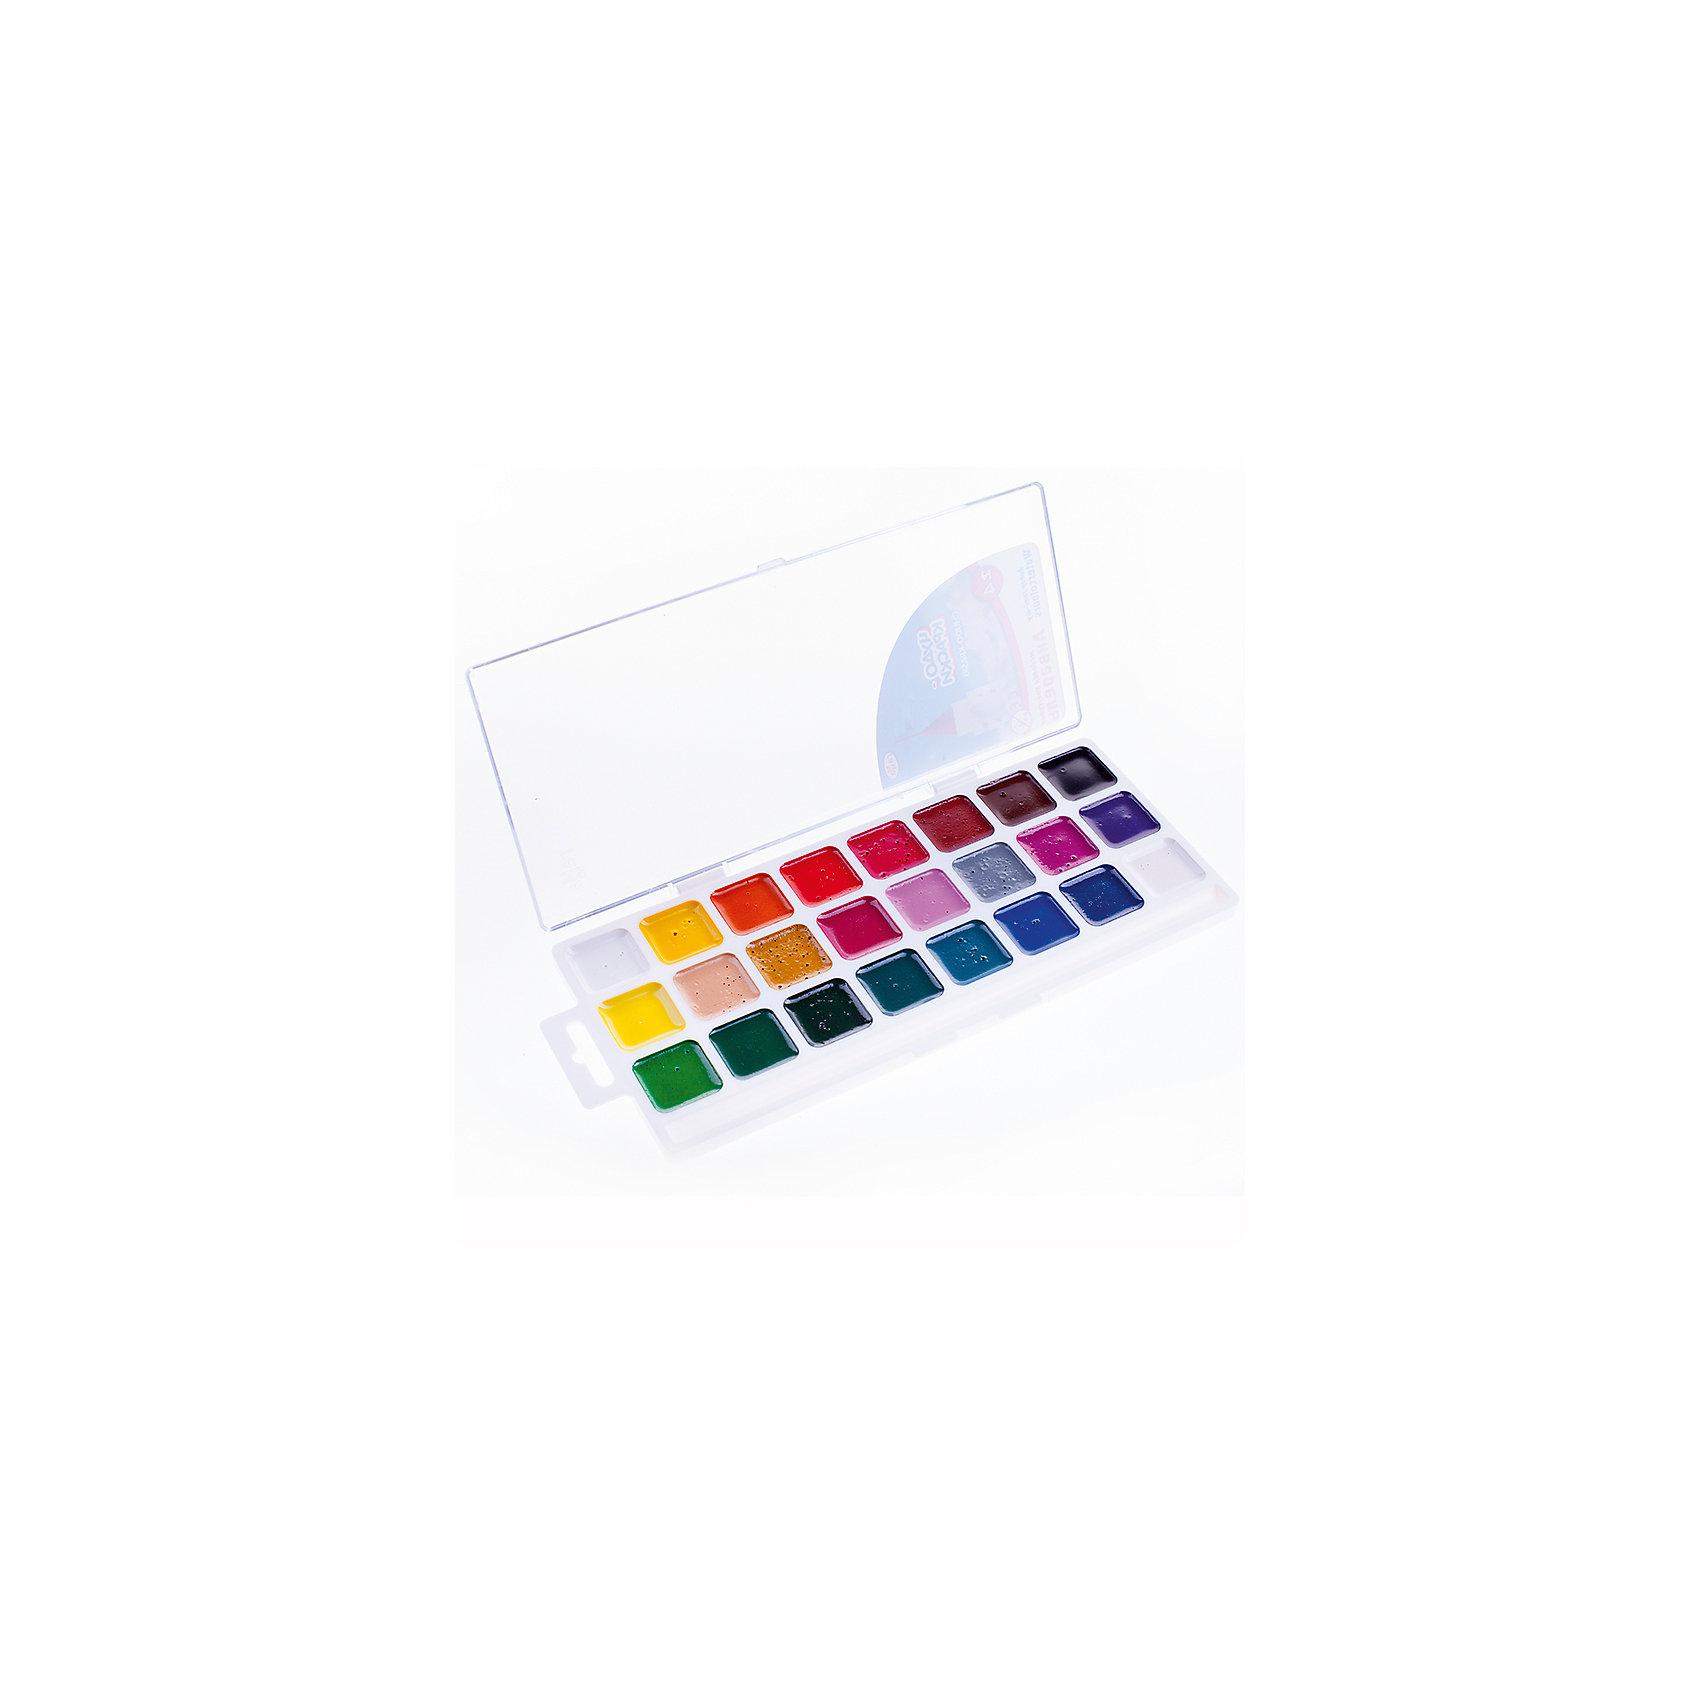 Акварельные краски Чудо-краски, 23 цв.Краски в пластиковой коробке содержат стойкие и яркие пигменты, что позволяет получать насыщенные изображения с эффектом бархатистости цвета. Краска всех цветов на одной подложке. Краски изготовлены с добавлением натуральной патоки и пчелиного меда.<br><br>Ширина мм: 240<br>Глубина мм: 105<br>Высота мм: 150<br>Вес г: 170<br>Возраст от месяцев: 36<br>Возраст до месяцев: 2147483647<br>Пол: Унисекс<br>Возраст: Детский<br>SKU: 4827990